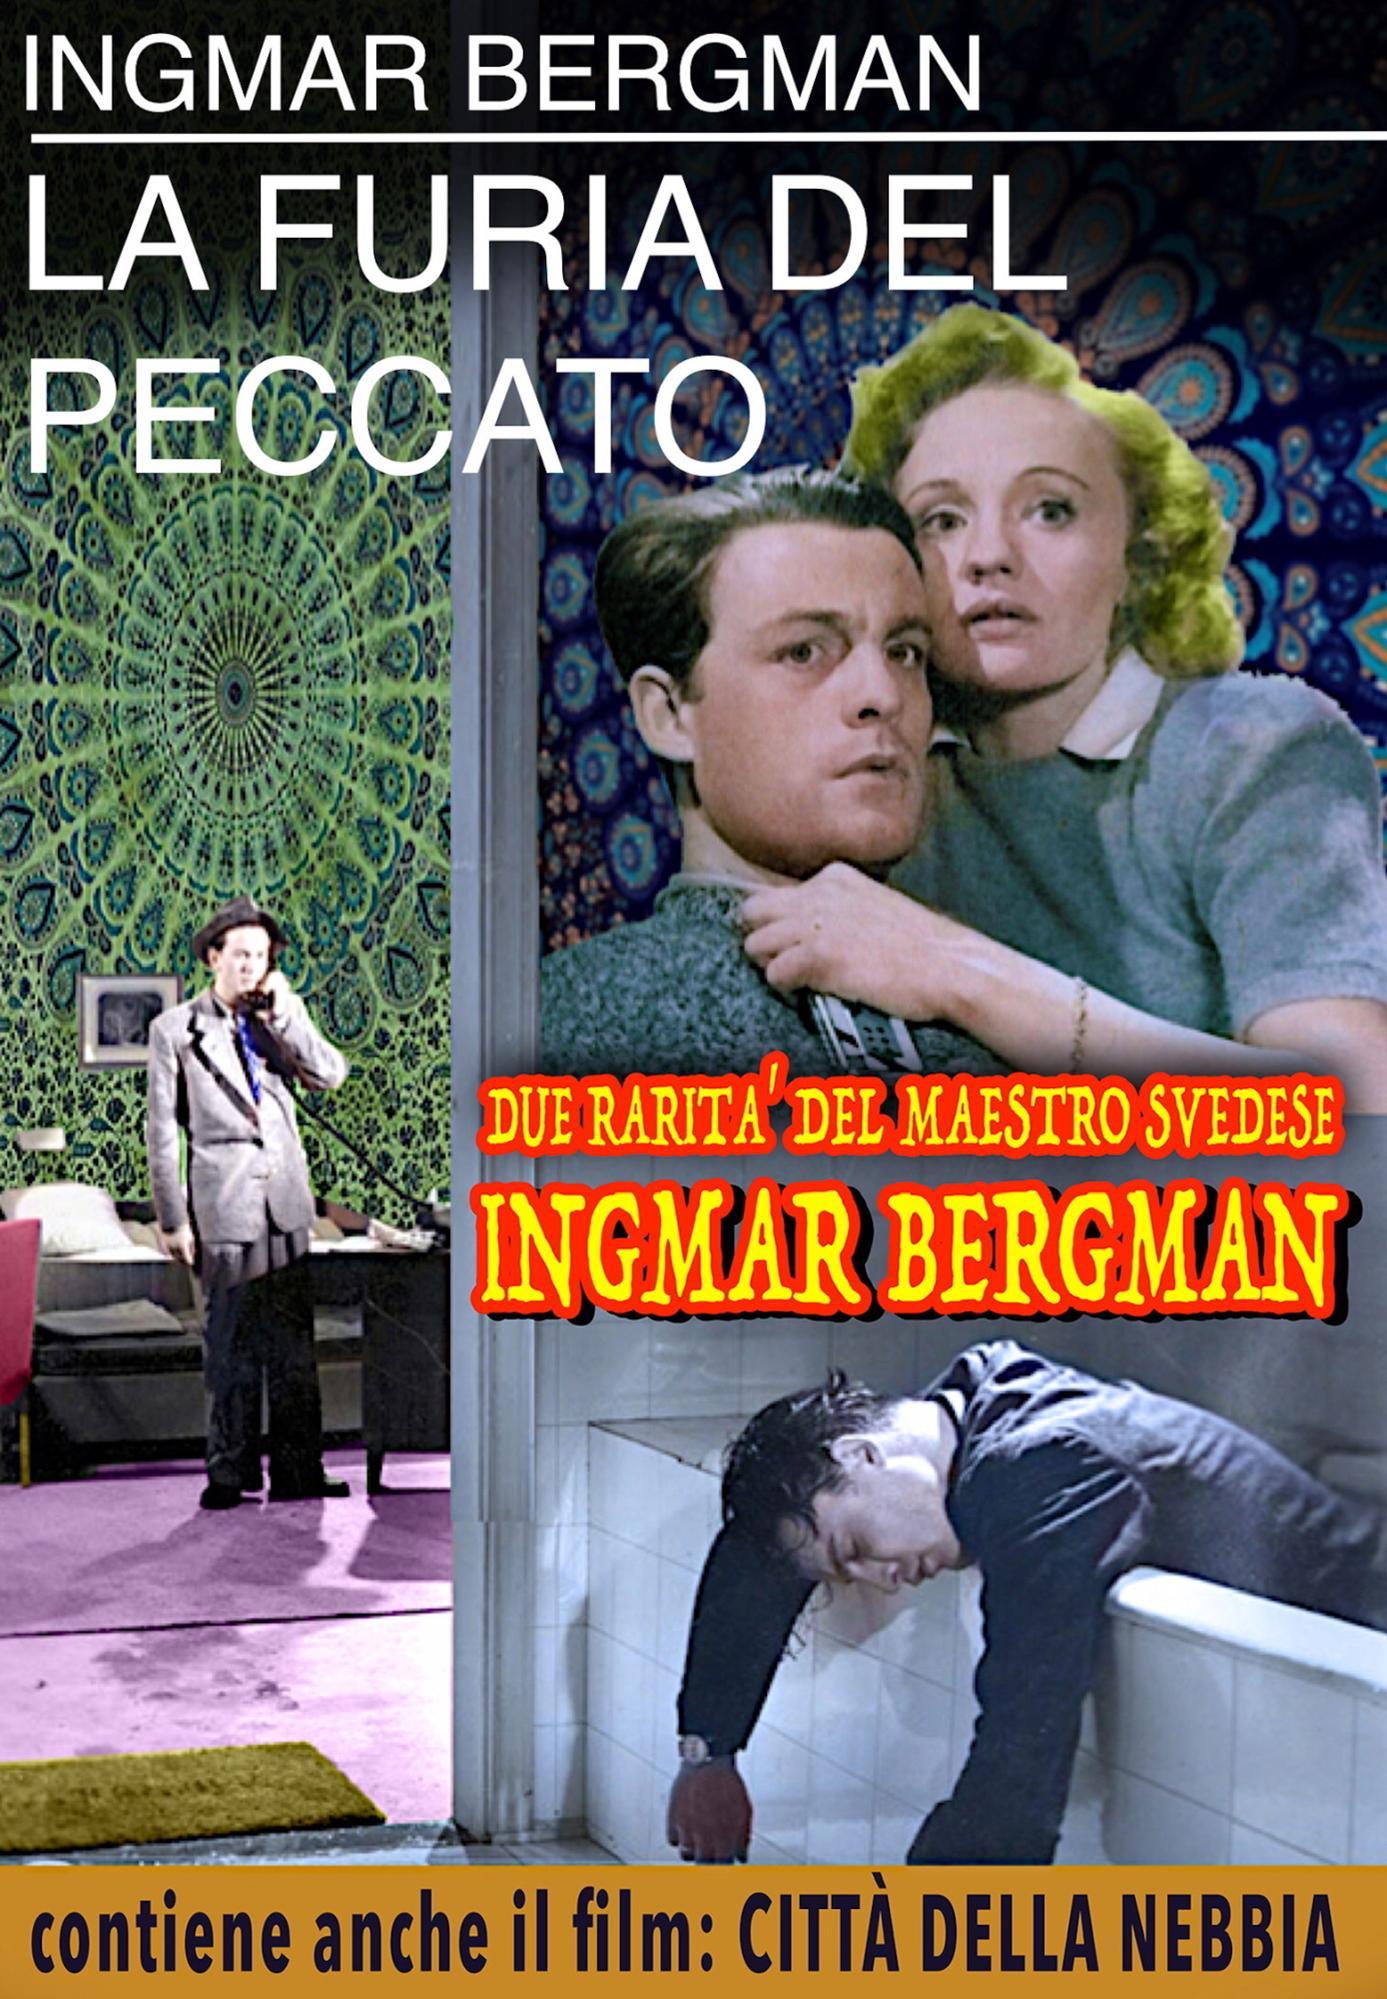 LA FURIA DEL PECCATO / CITTA' NELLA NEBBIA (DVD)